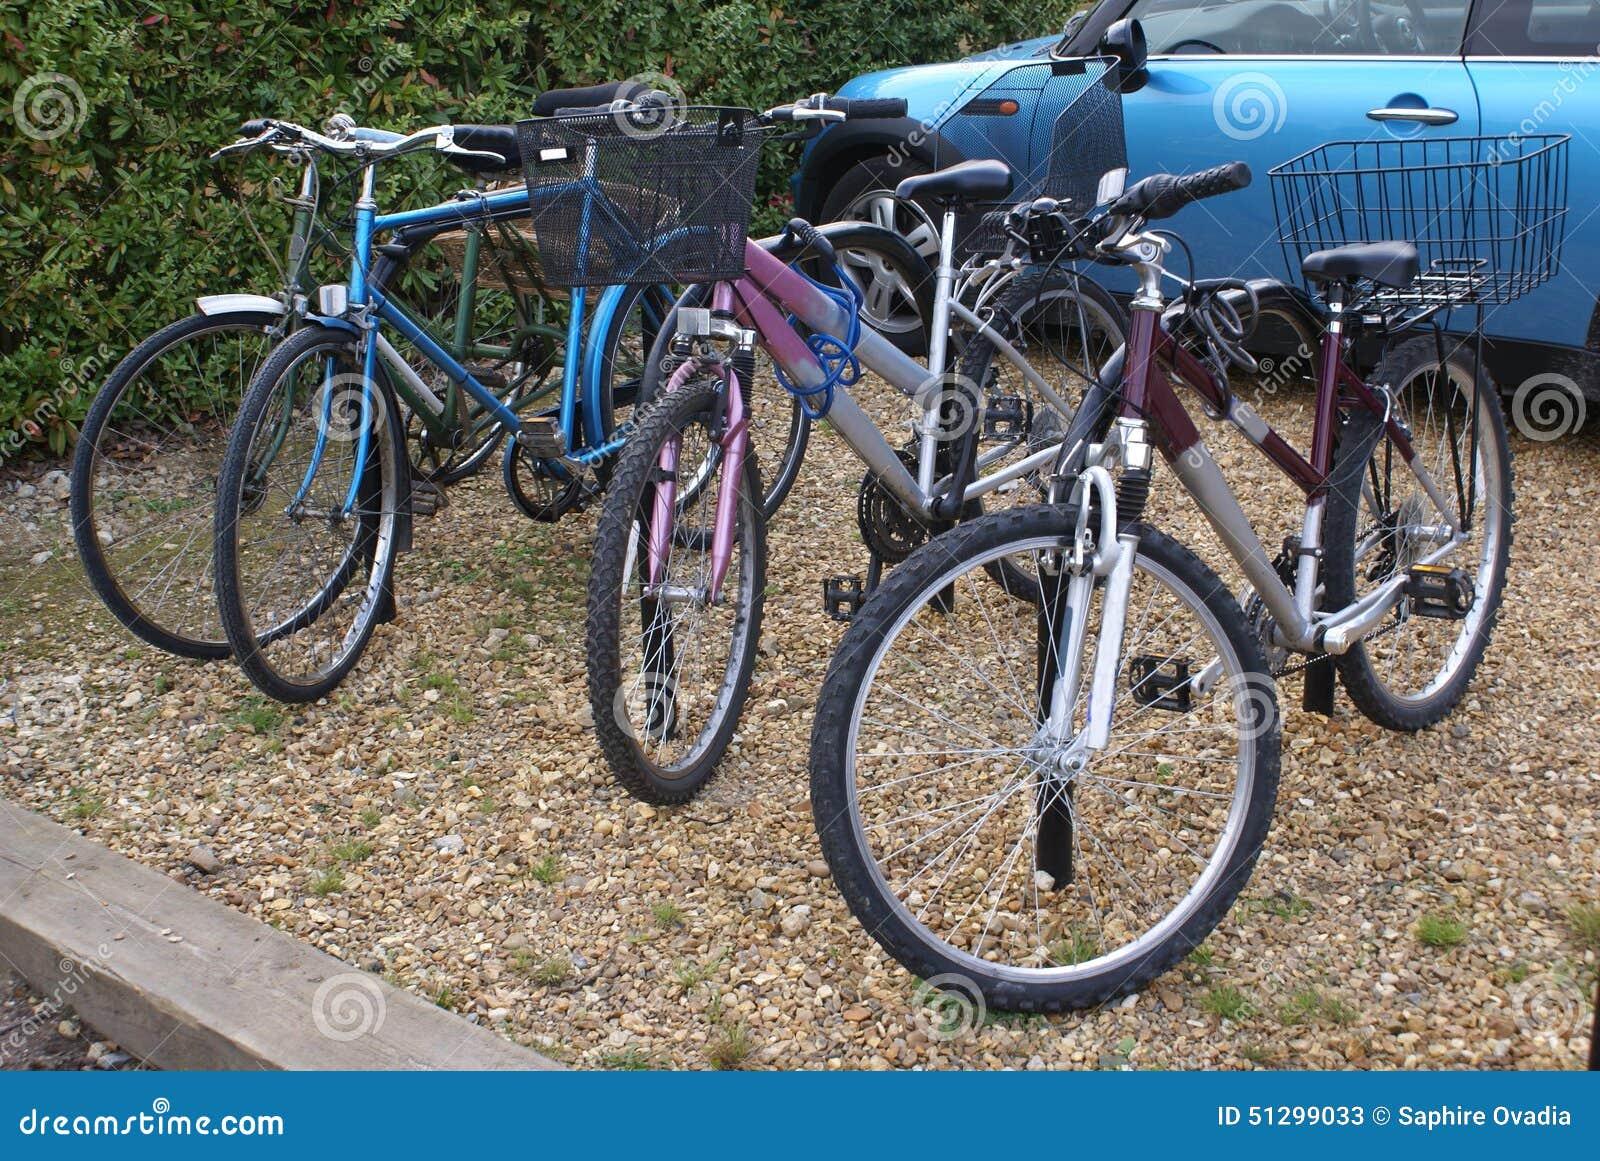 循环停车场 骑自行车停车场